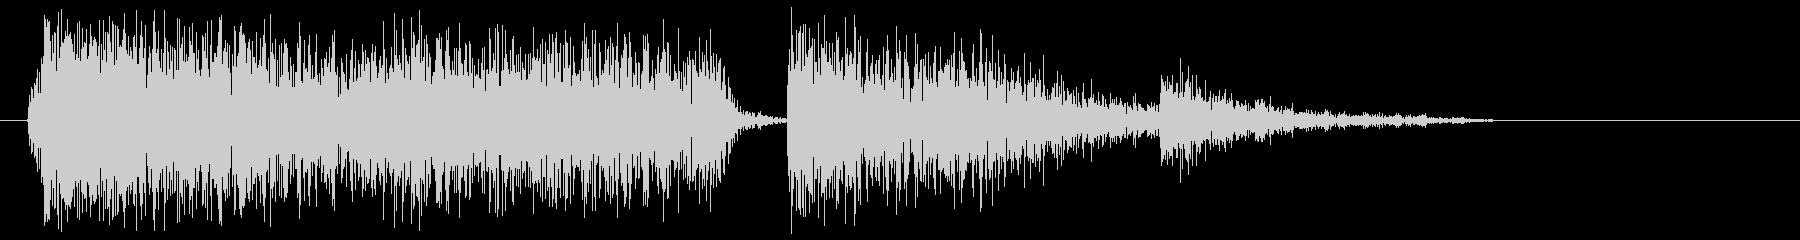 シャーン(高音のハイハット)の未再生の波形